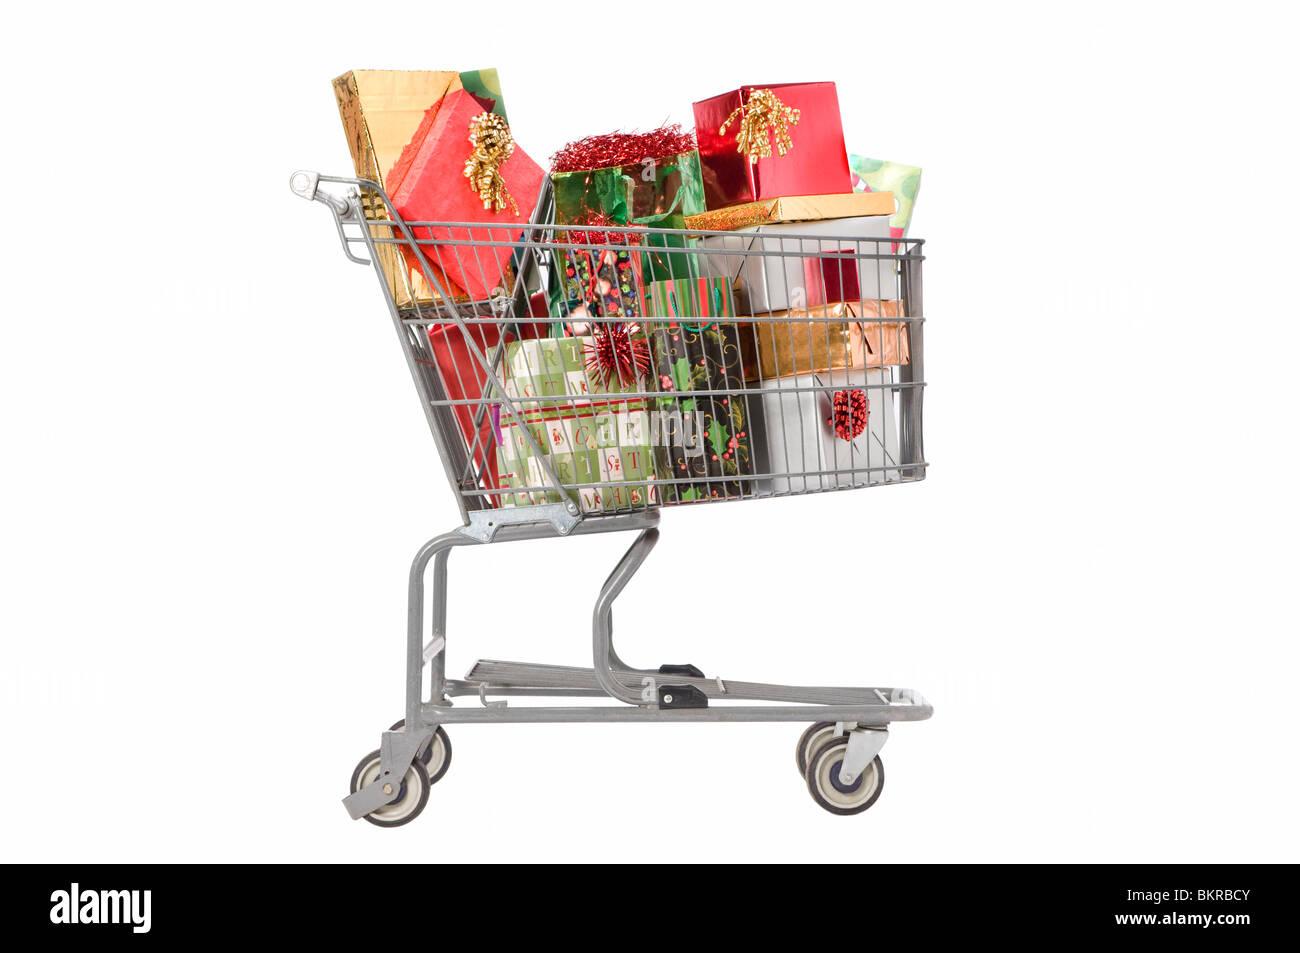 Lebensmittelgeschäft Warenkorb auf weiß gefüllt mit ...